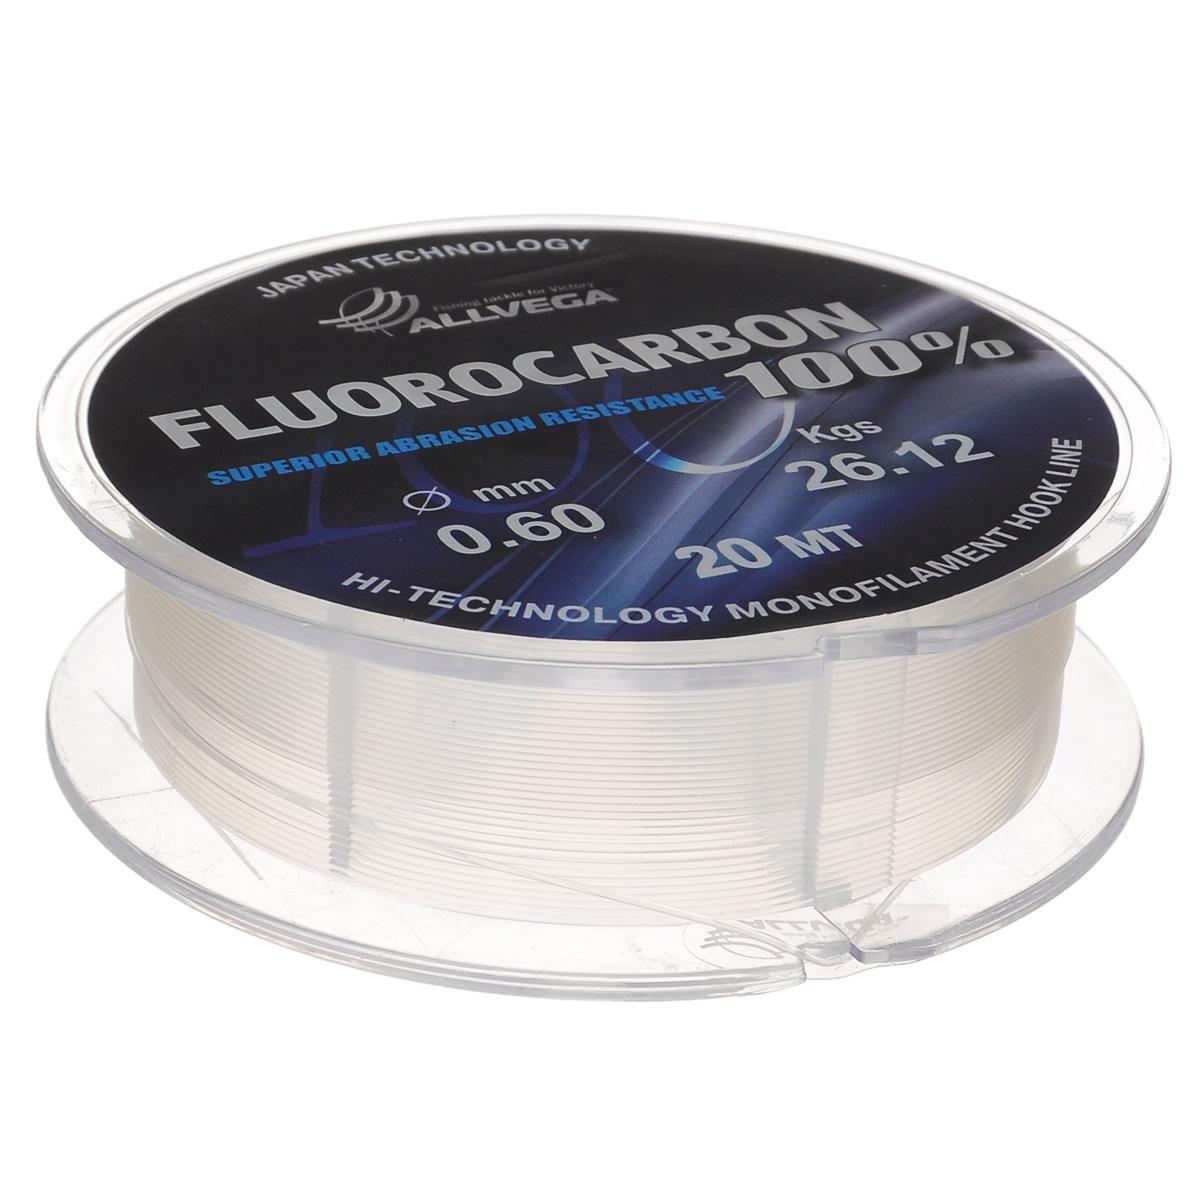 Леска Allvega FX Fluorocarbon 100%, цвет: прозрачный, 20 м, 0,6 мм, 26,12 кгPGPS7797CIS08GBNVAllvega FX Fluorocarbon 100% имеет коэффициент преломления света, близкий к коэффициенту преломления света воды, поэтому эта леска незаметна в воде и незаменима во многих случаях. Широко используется в качестве поводковой лески, как для мирных рыб, так и для хищников. Кроме прозрачности, так же обладает высокой устойчивостью к внешним механическим воздействиям, таким как камни, песок, ракушечник, зубы хищников. Обладает малой растяжимостью, что позволяет более четко определять поклевку и просекать рыбу.